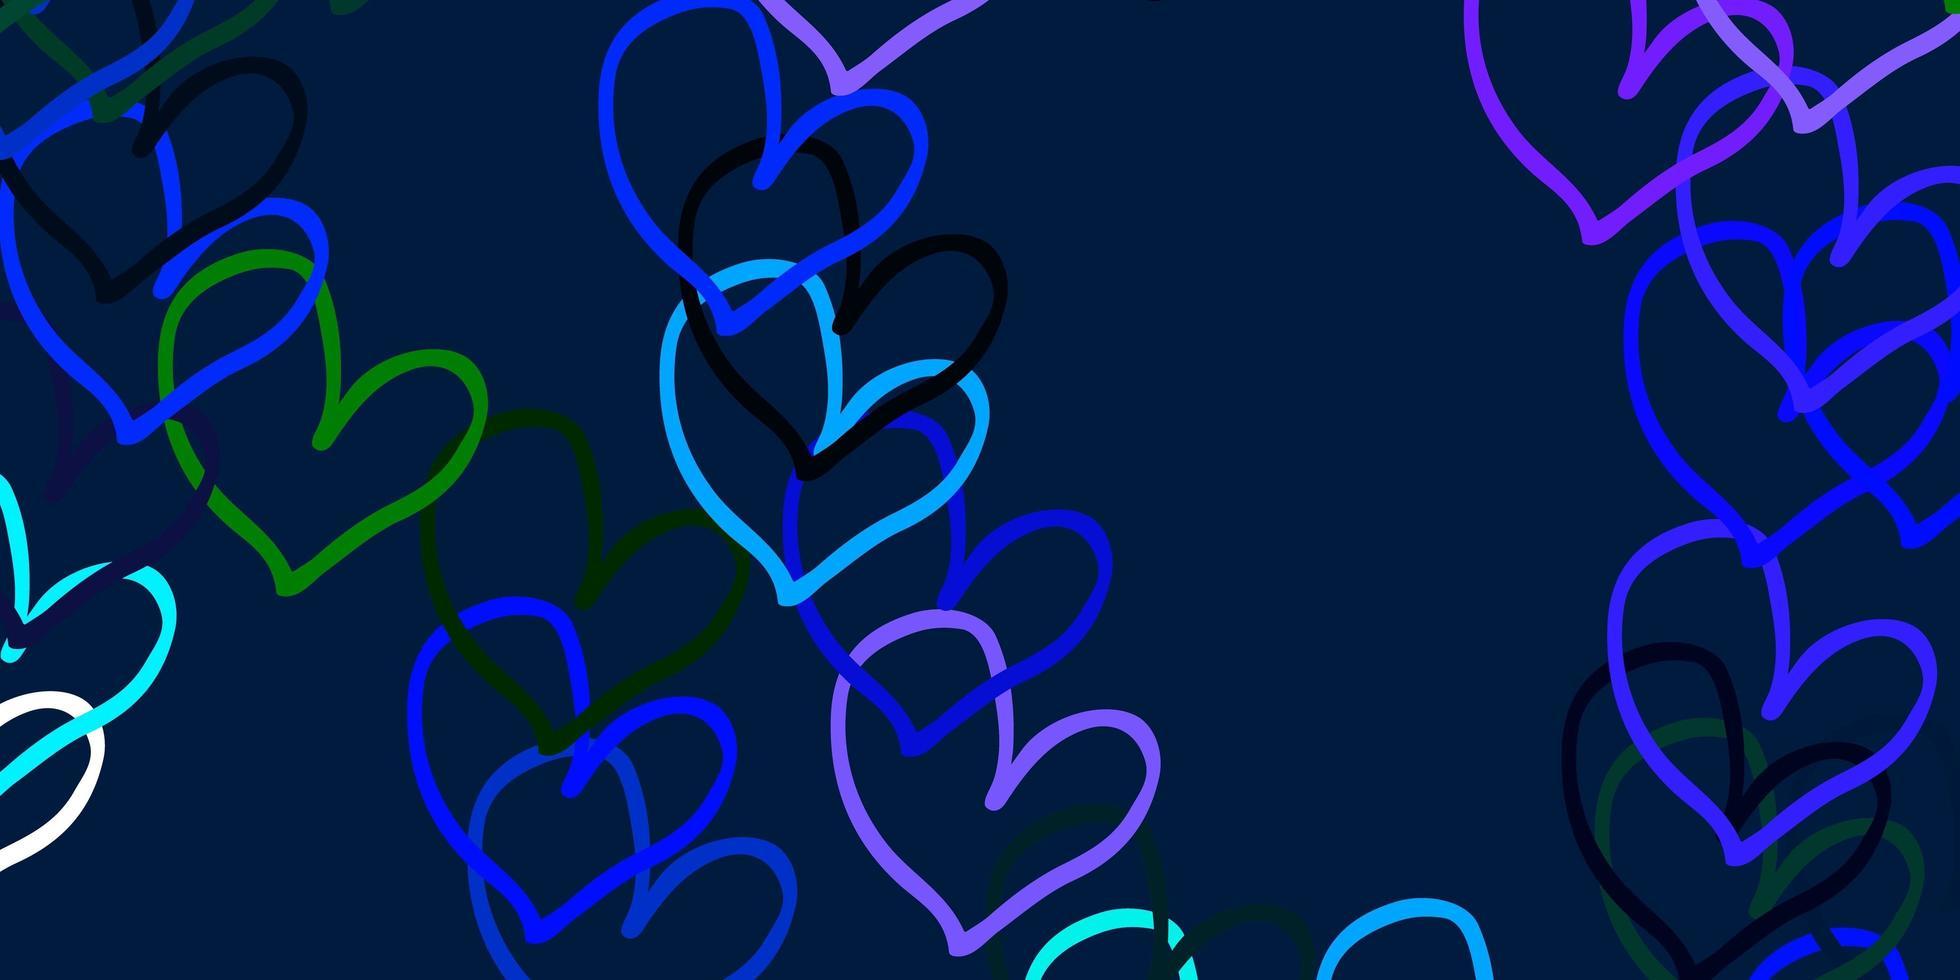 pano de fundo de vetor azul e verde claro com corações doces.